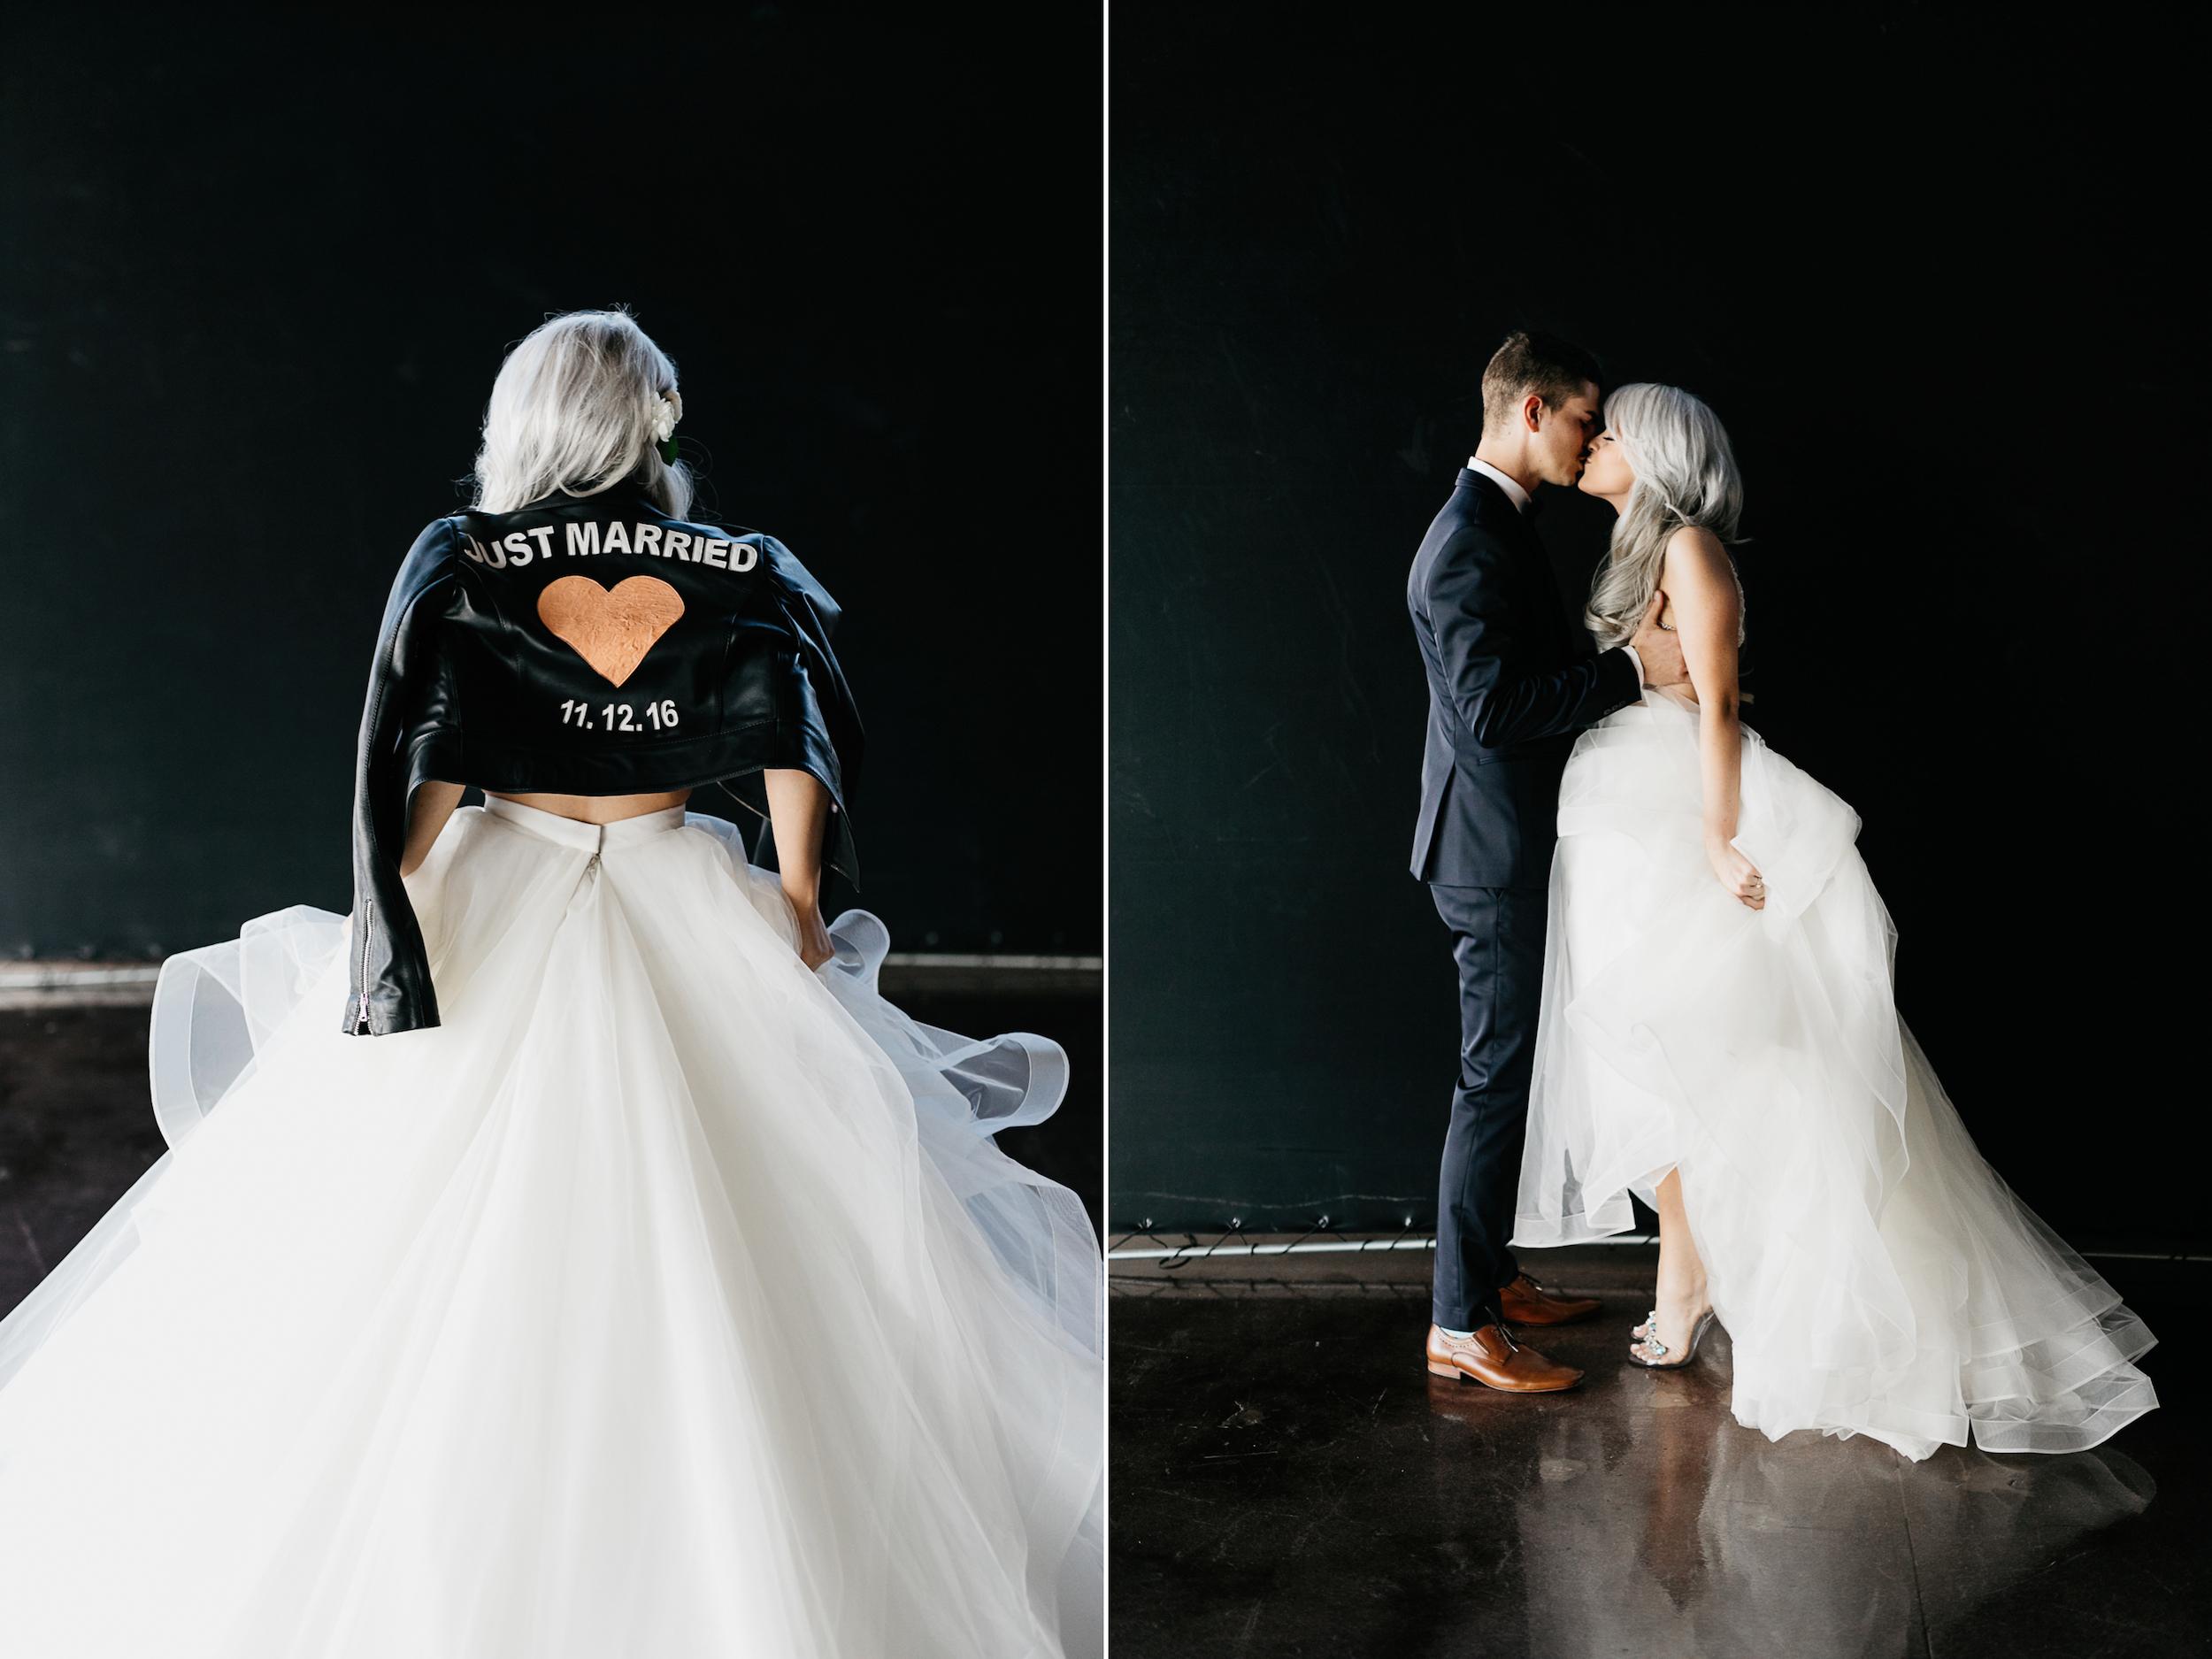 arizona - wedding - photography 0004.jpg